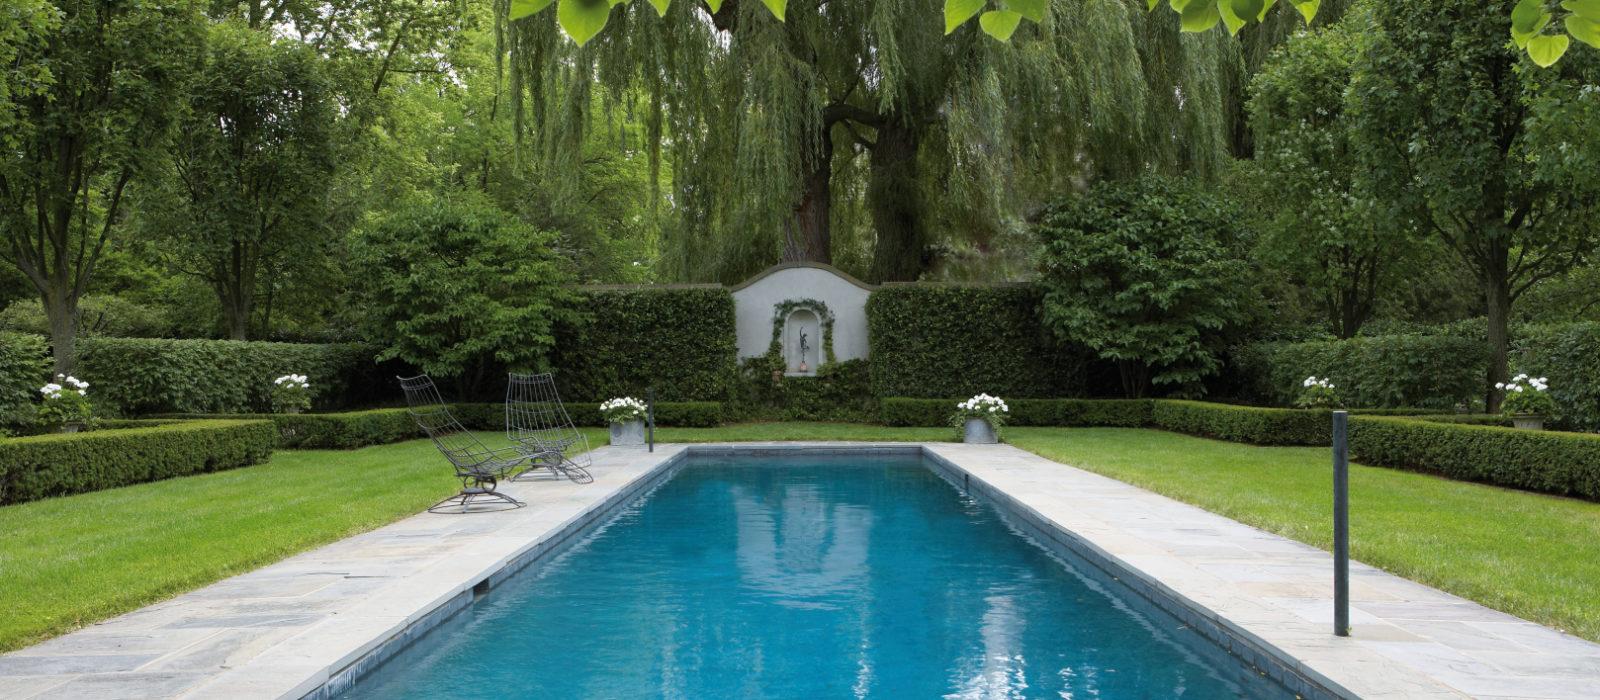 Příslušenství bazénové